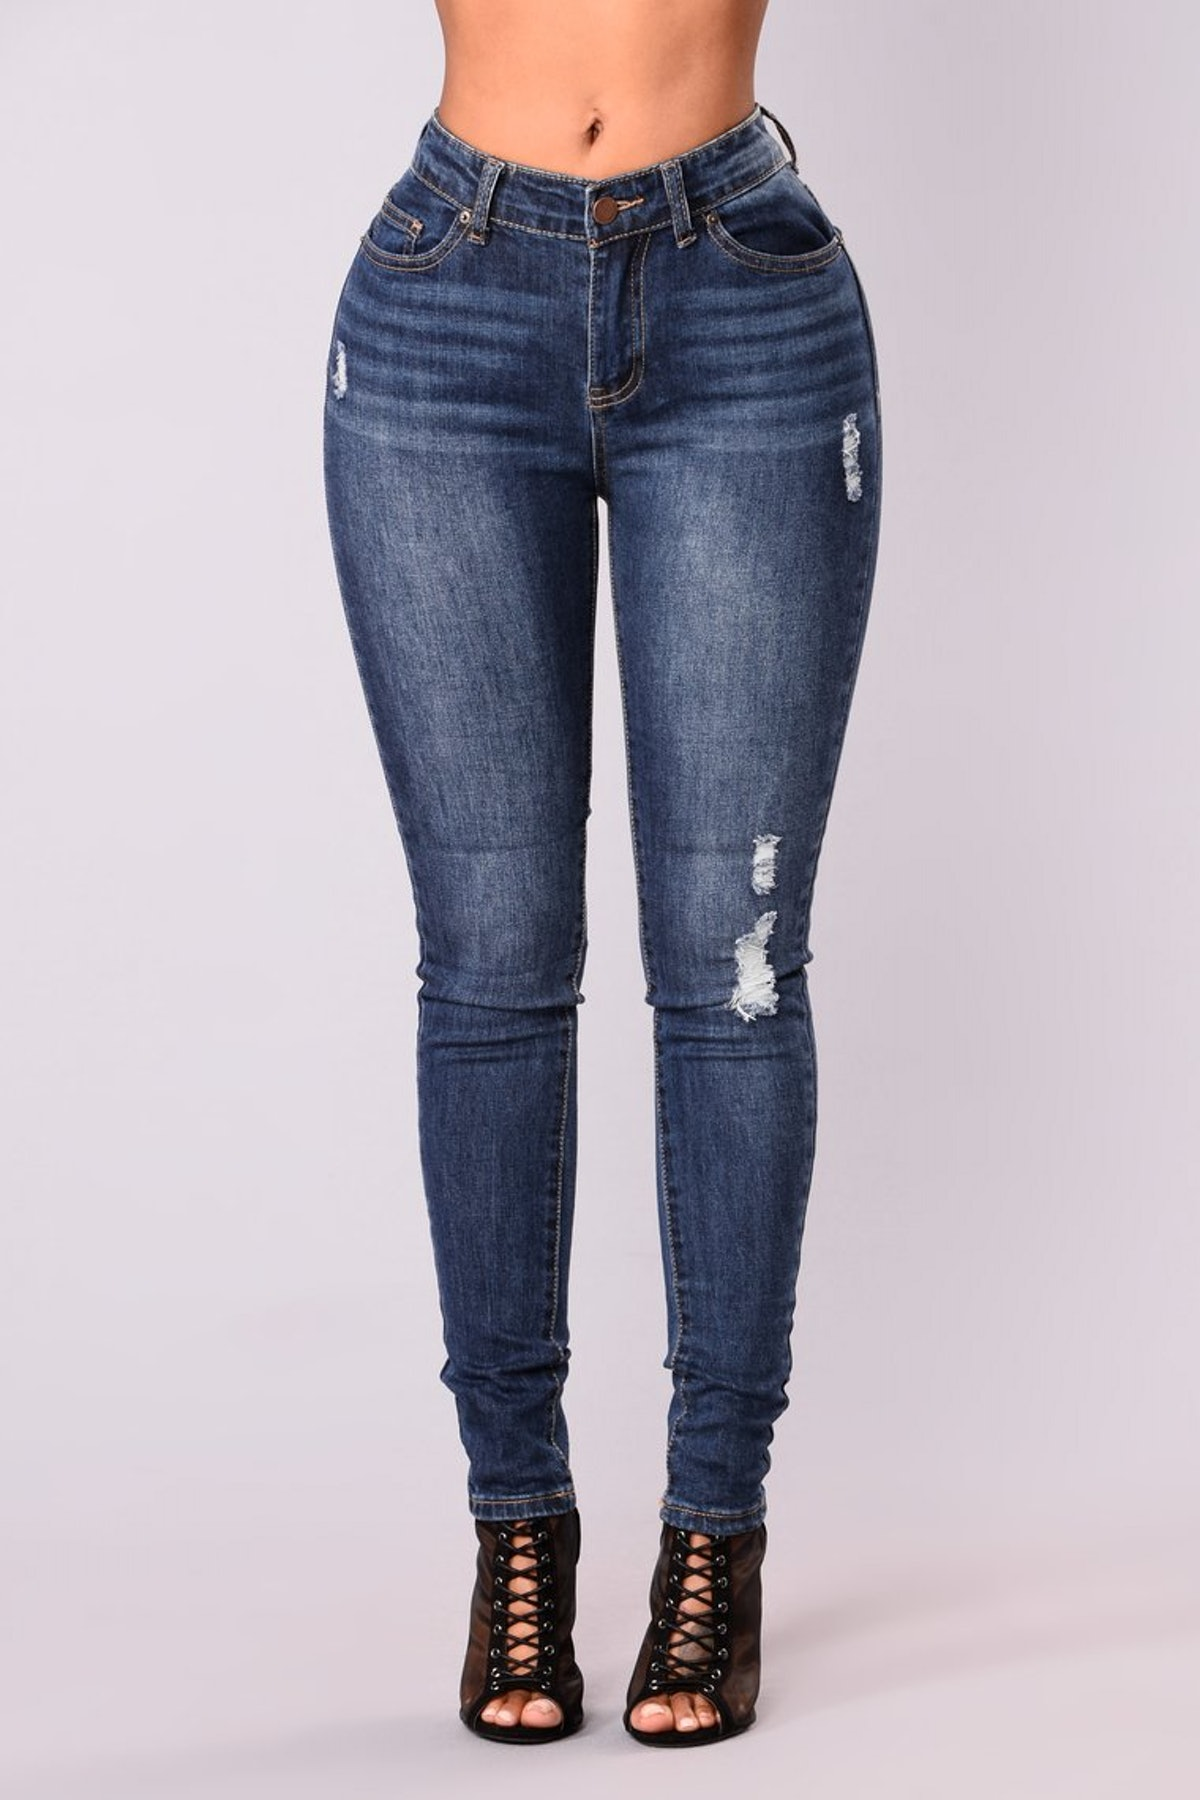 Go Girl Skinny Jeans - Dark